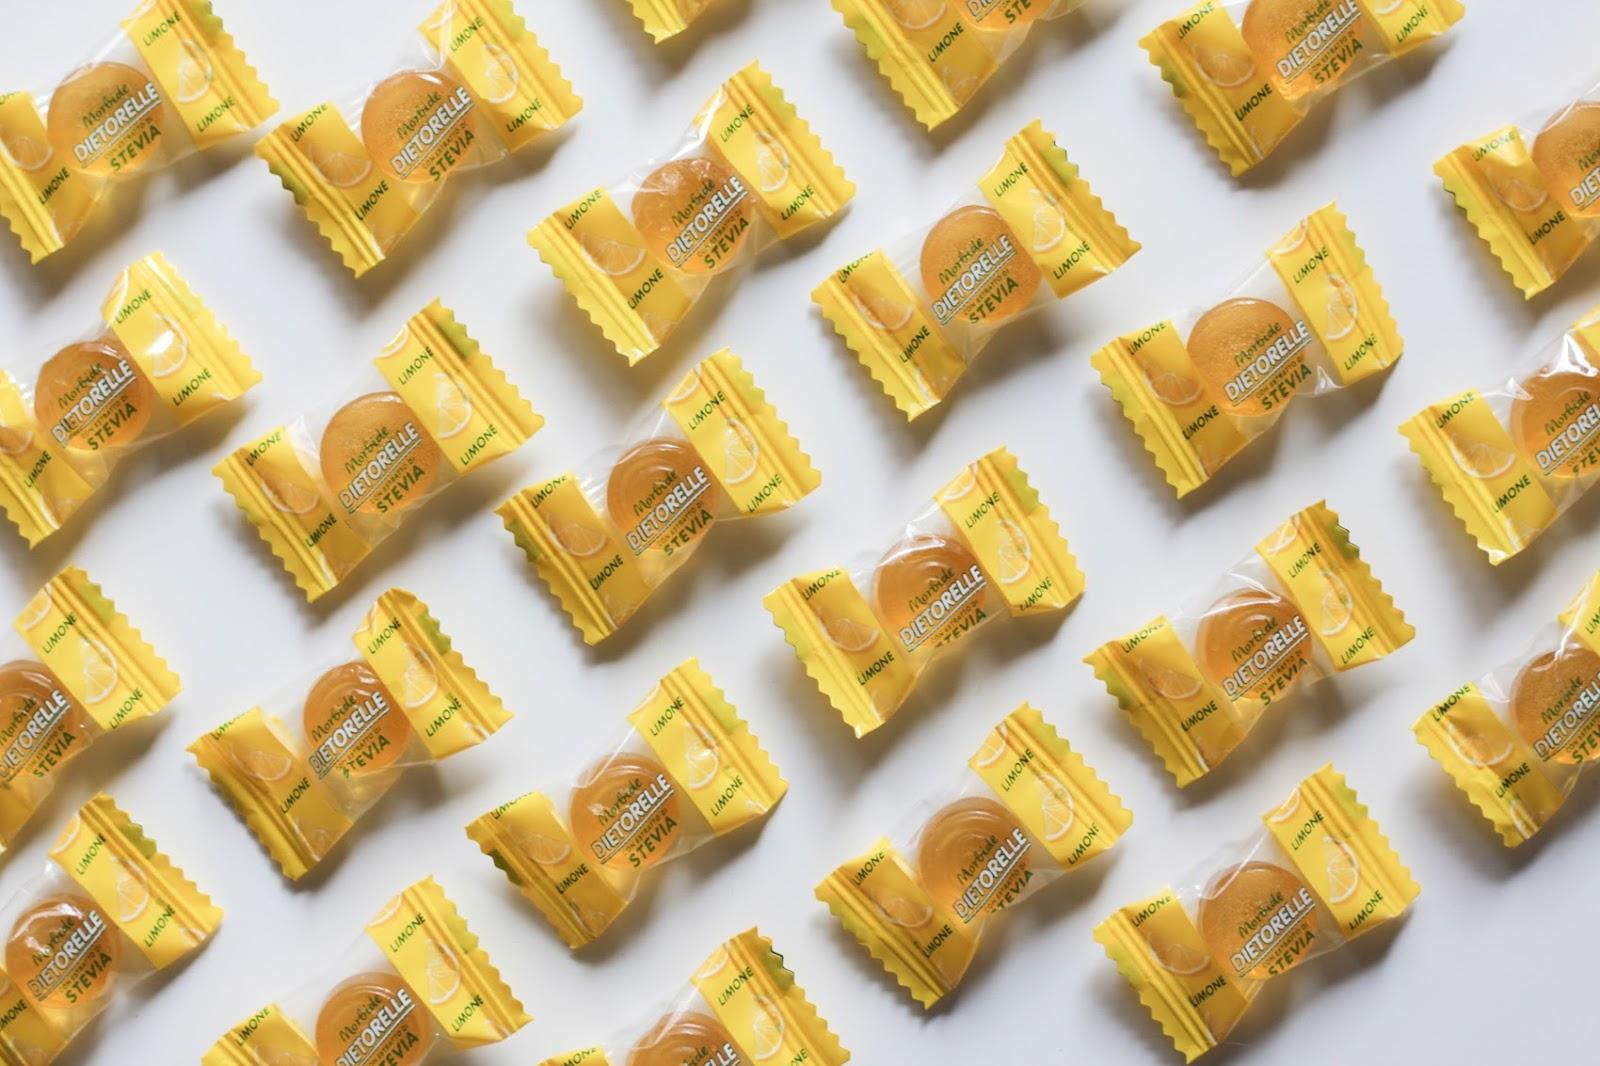 Vinci una borsa con il concorso caramelle Dietorelle e Le Pandorine